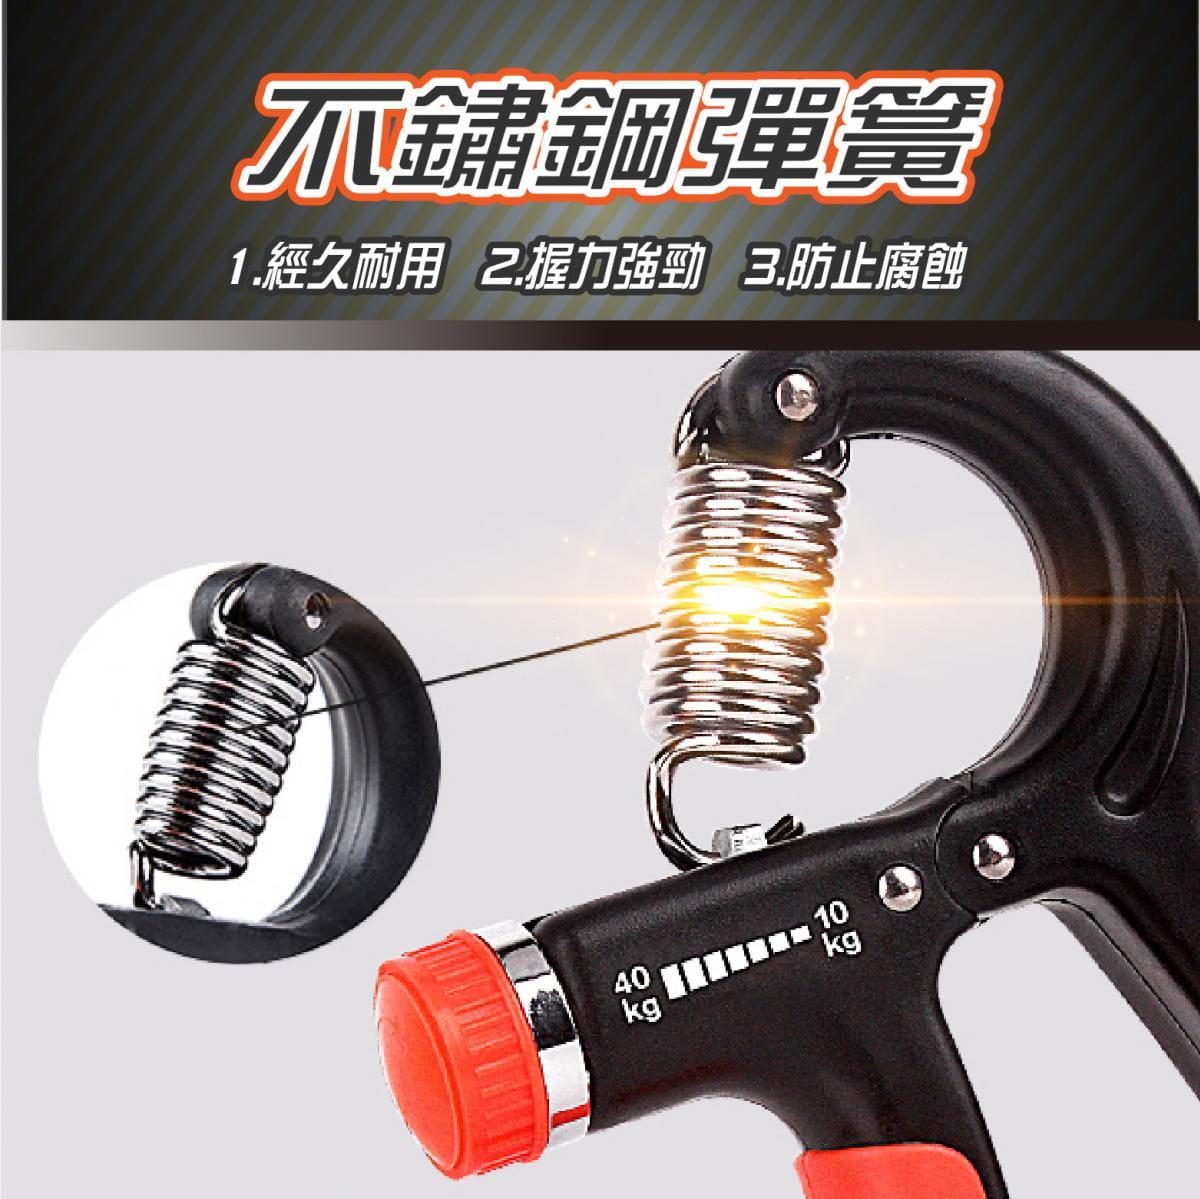 可調節式 握力器10~40KG 握力 腕力 握力訓練器 手腕訓練 腕力器 健身器材 紓壓 增肌 6